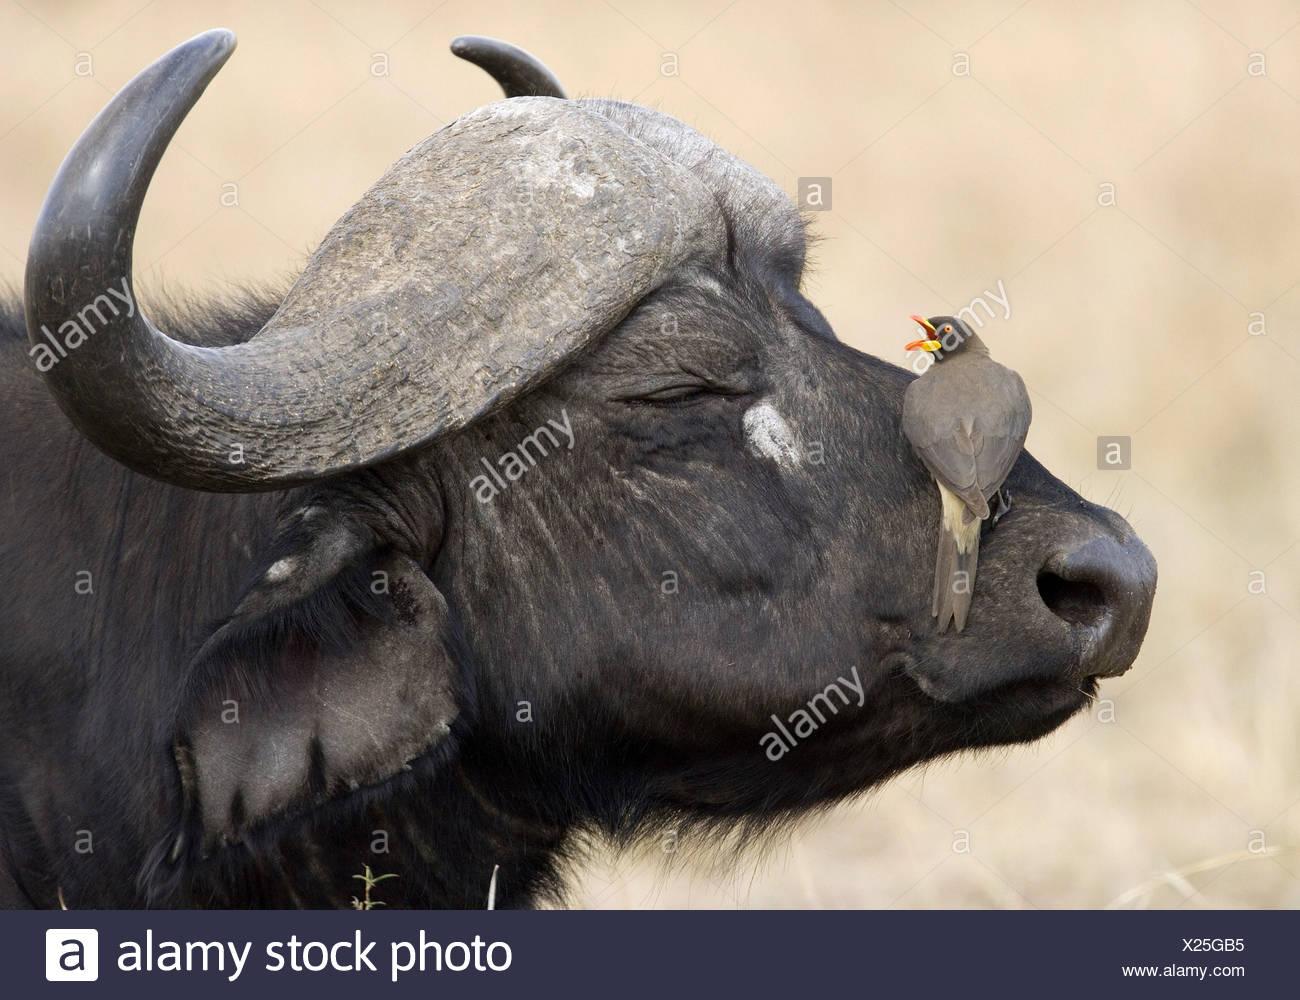 Zoology Animals Mammal Mammalian Bovidae Stock Photos